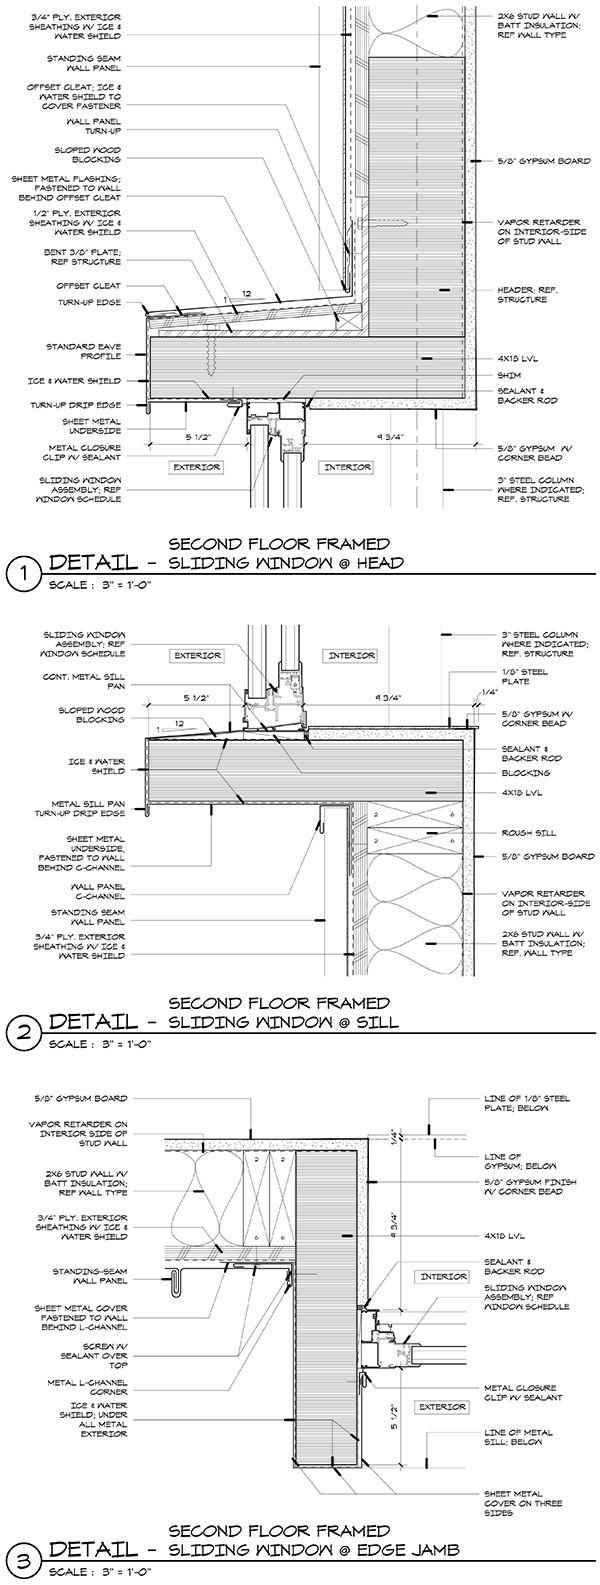 Cabin Window Details Arquitectura. Dibujos. Detalles. Secciones. Secciones constructivas